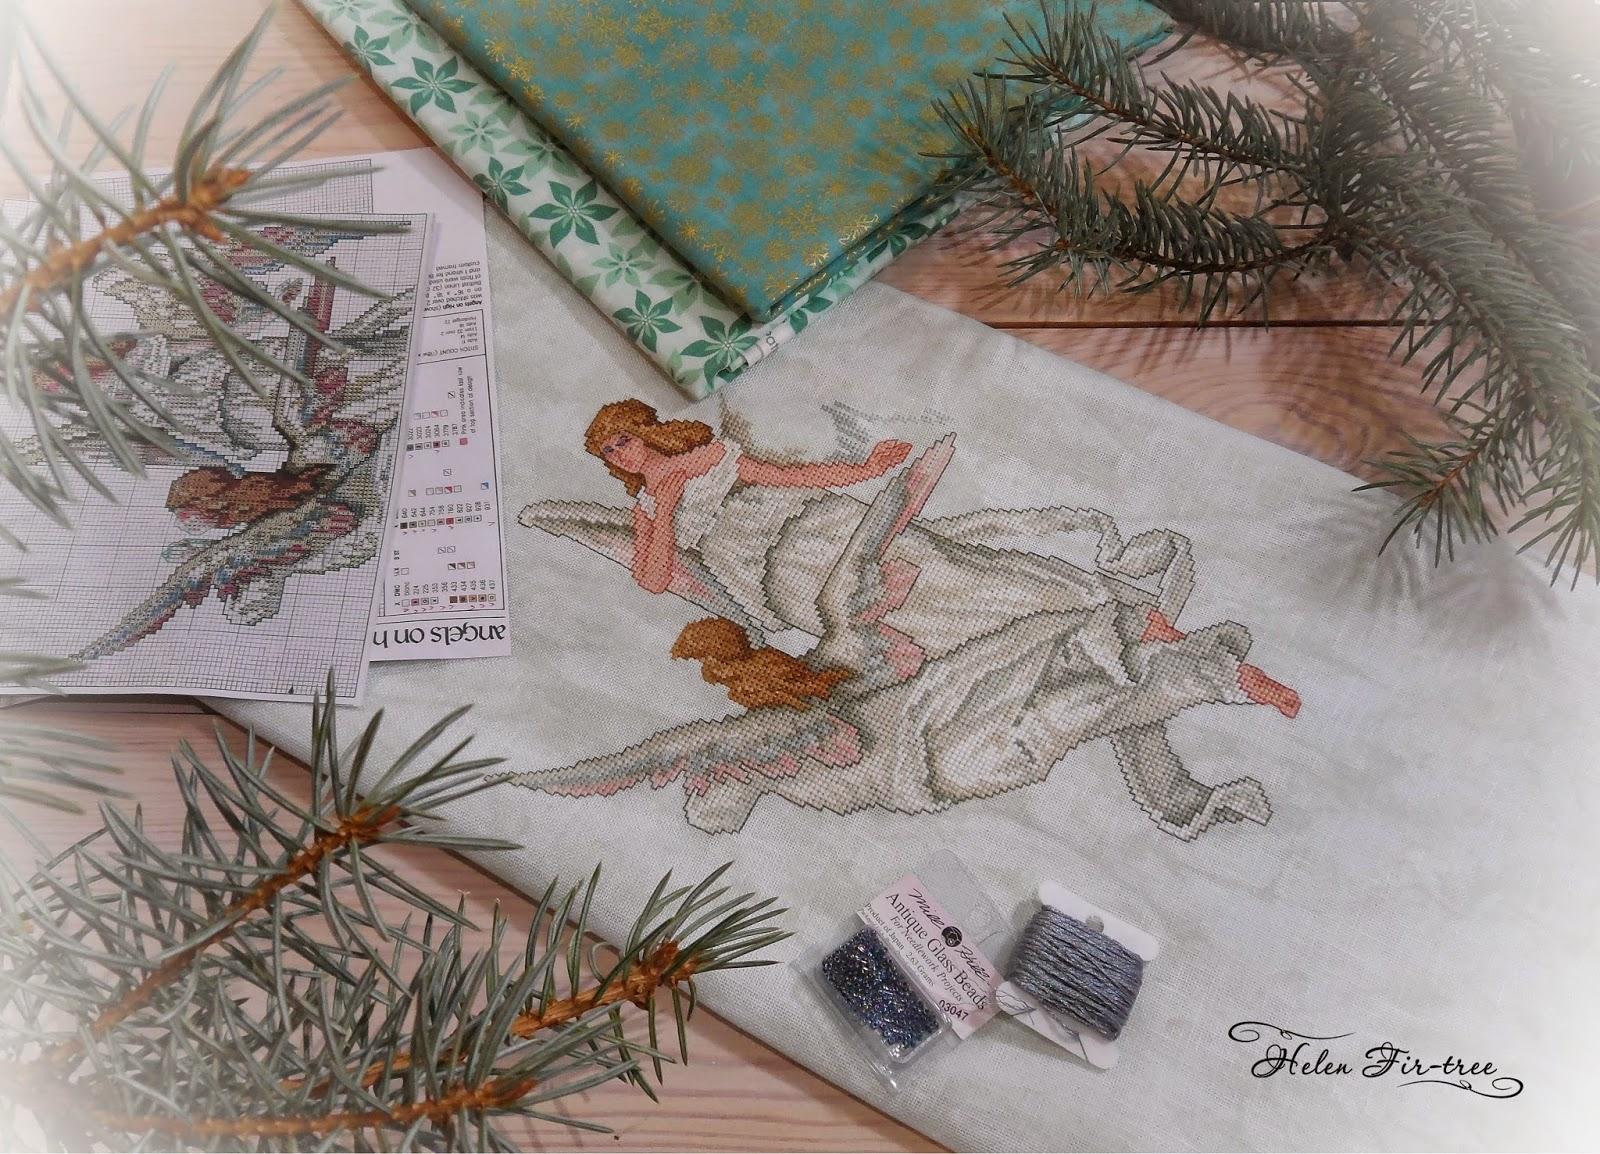 Helen Fir-tree вышивка Рождественские ангелы embroidery Christmas Angels